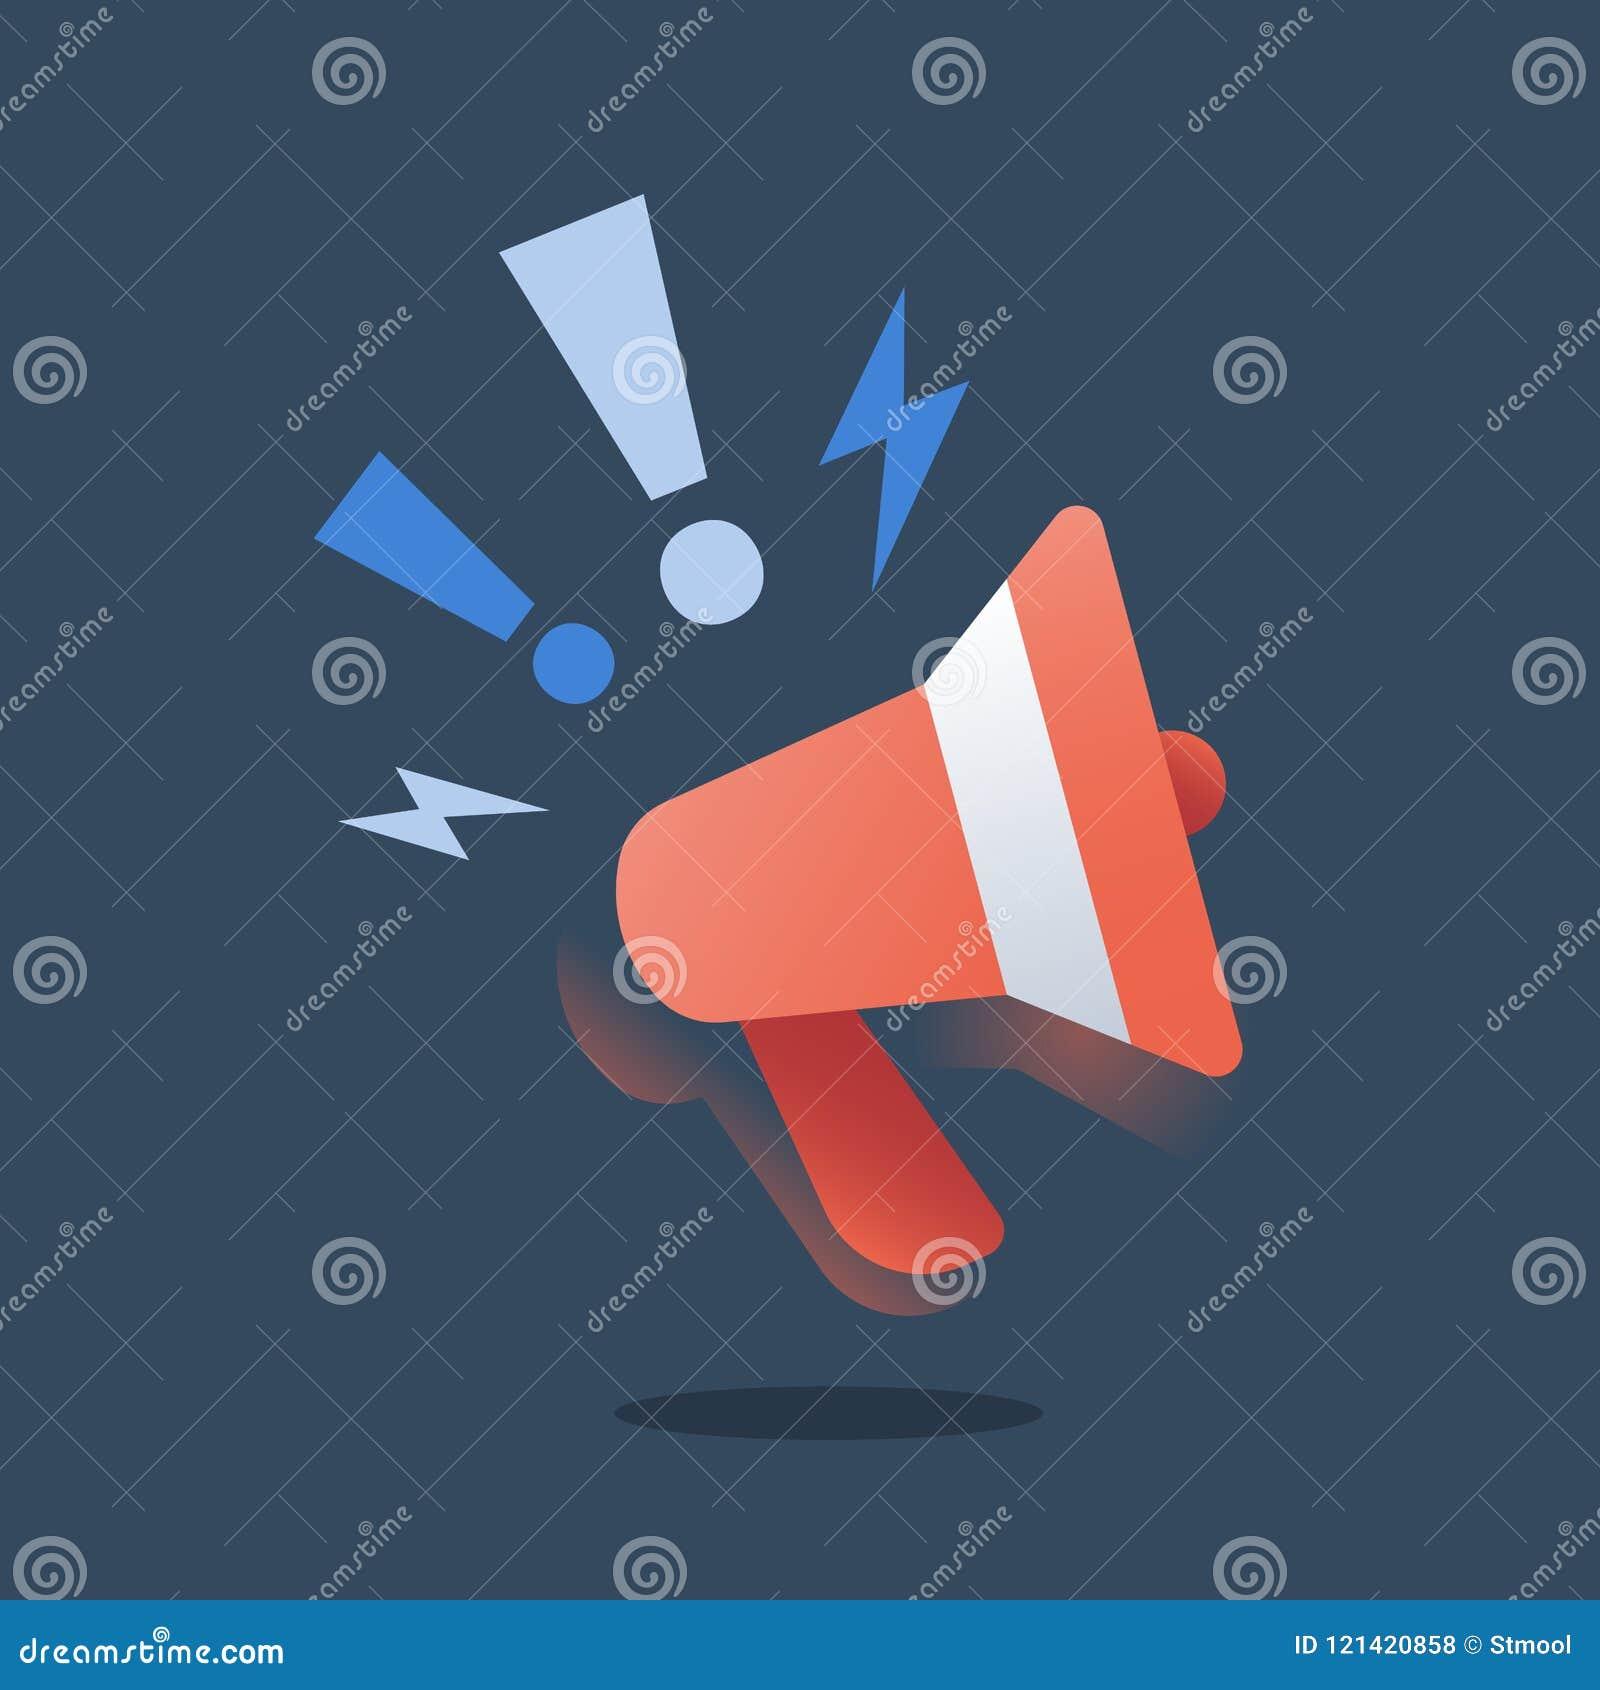 Campaña de promoción, márketing el extranjero, estrategia del smm, concepto de la publicidad, relaciones públicas, megáfono rojo,